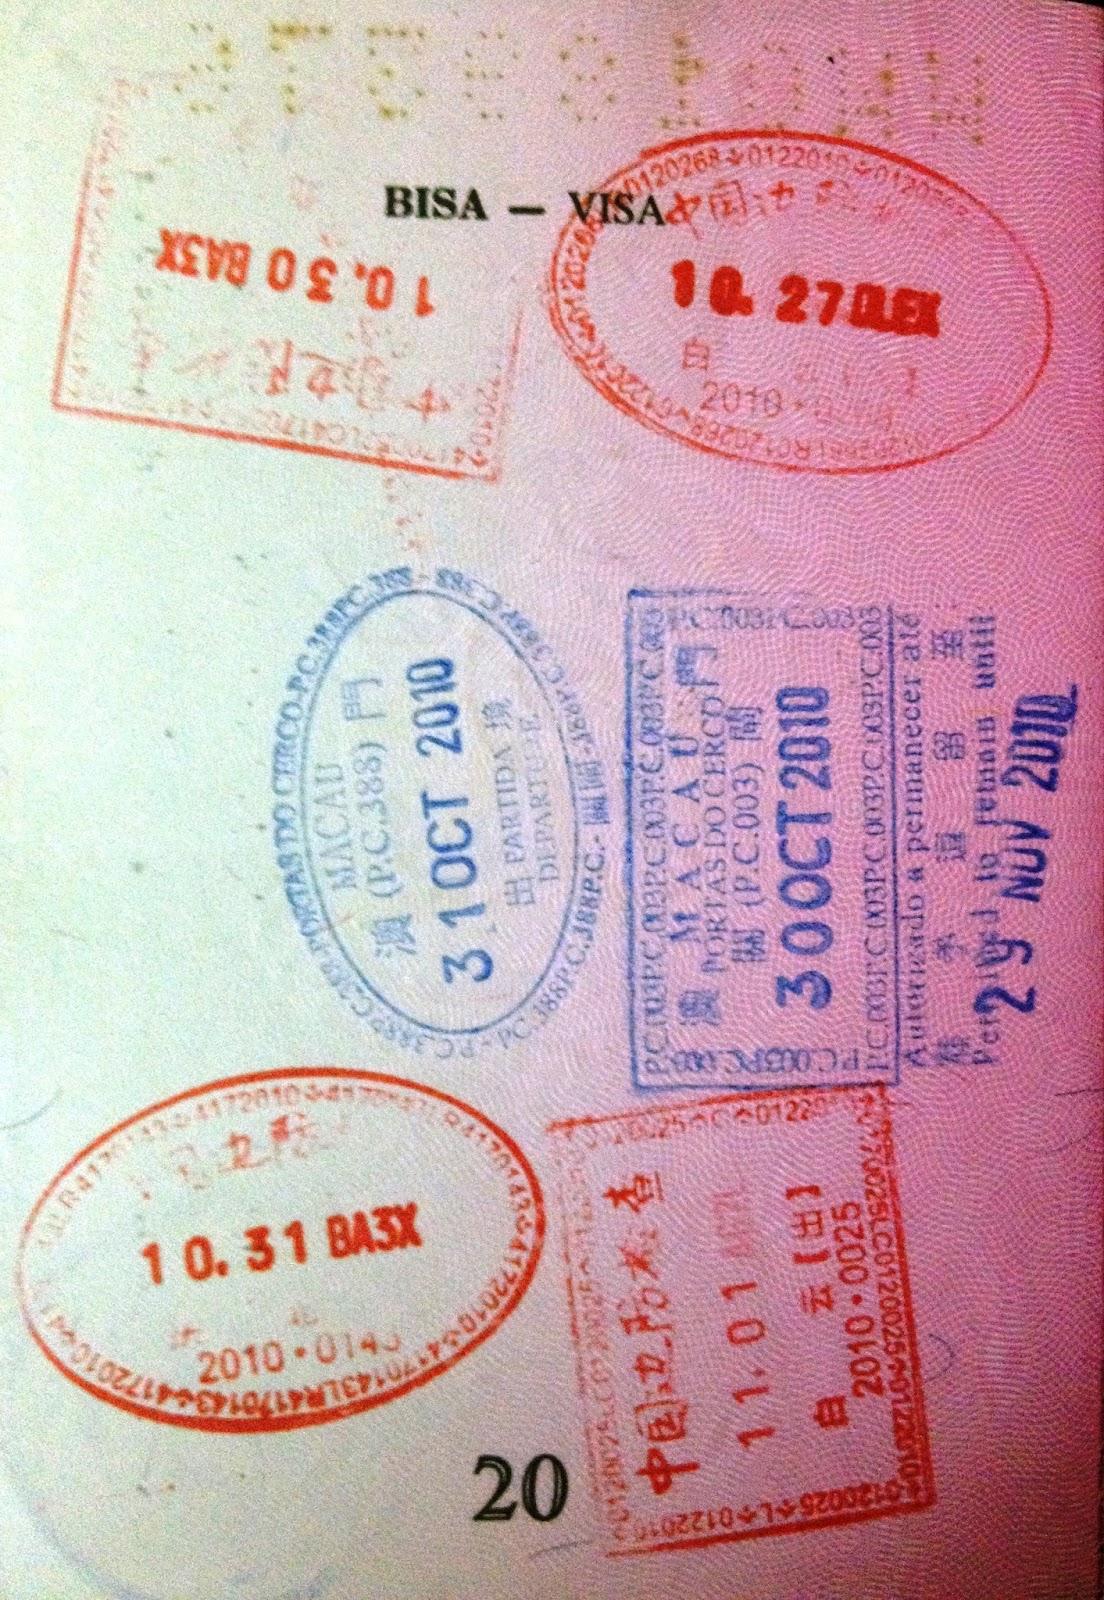 lakbayOnline: Chinese Visa for Filipino